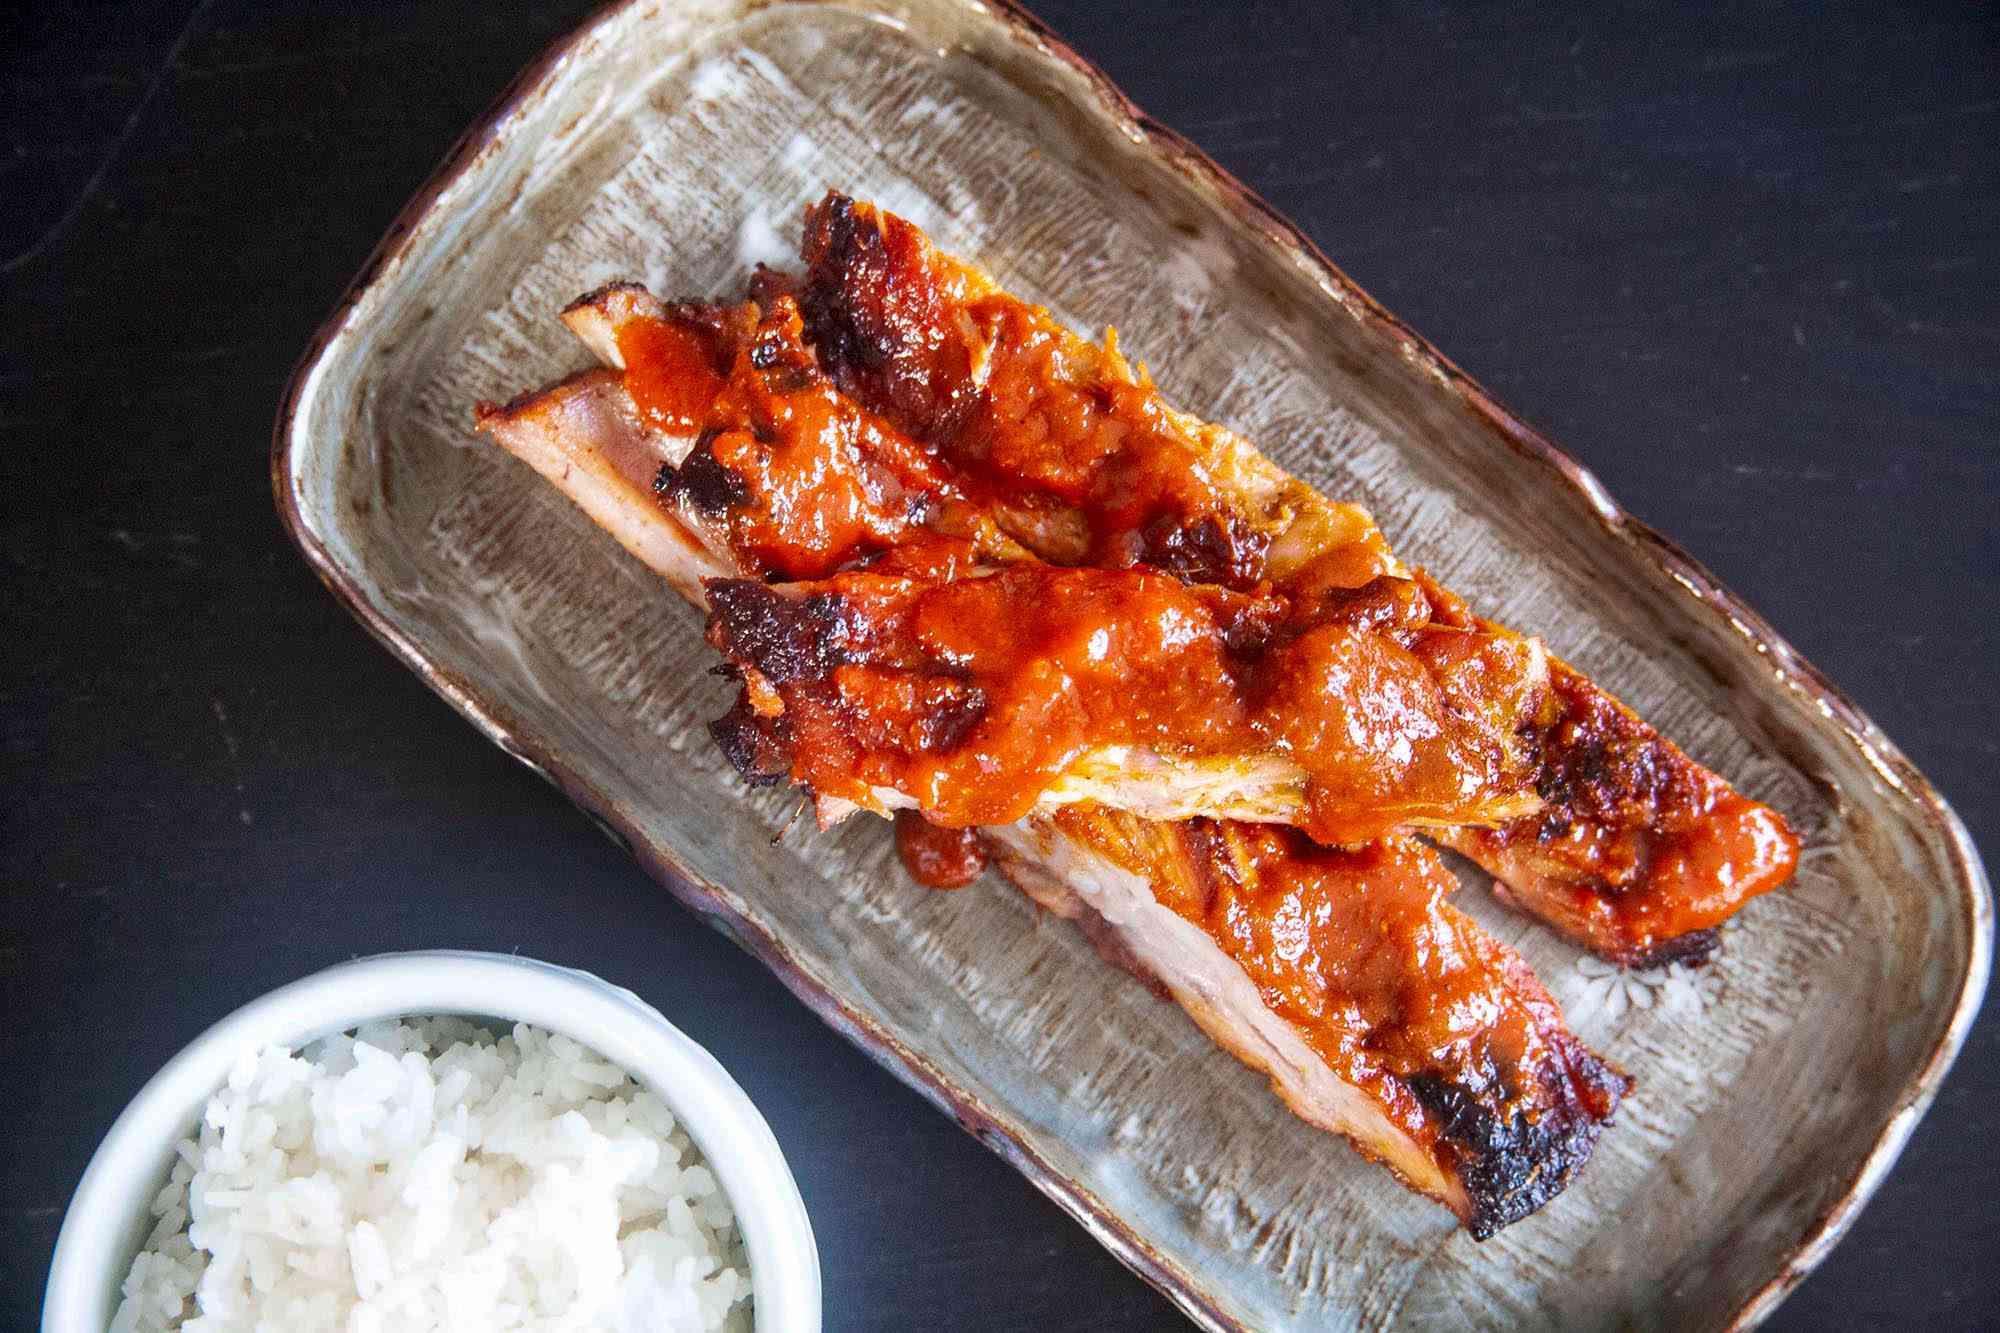 Easy Korean Pork Ribs sliced and on a platter.